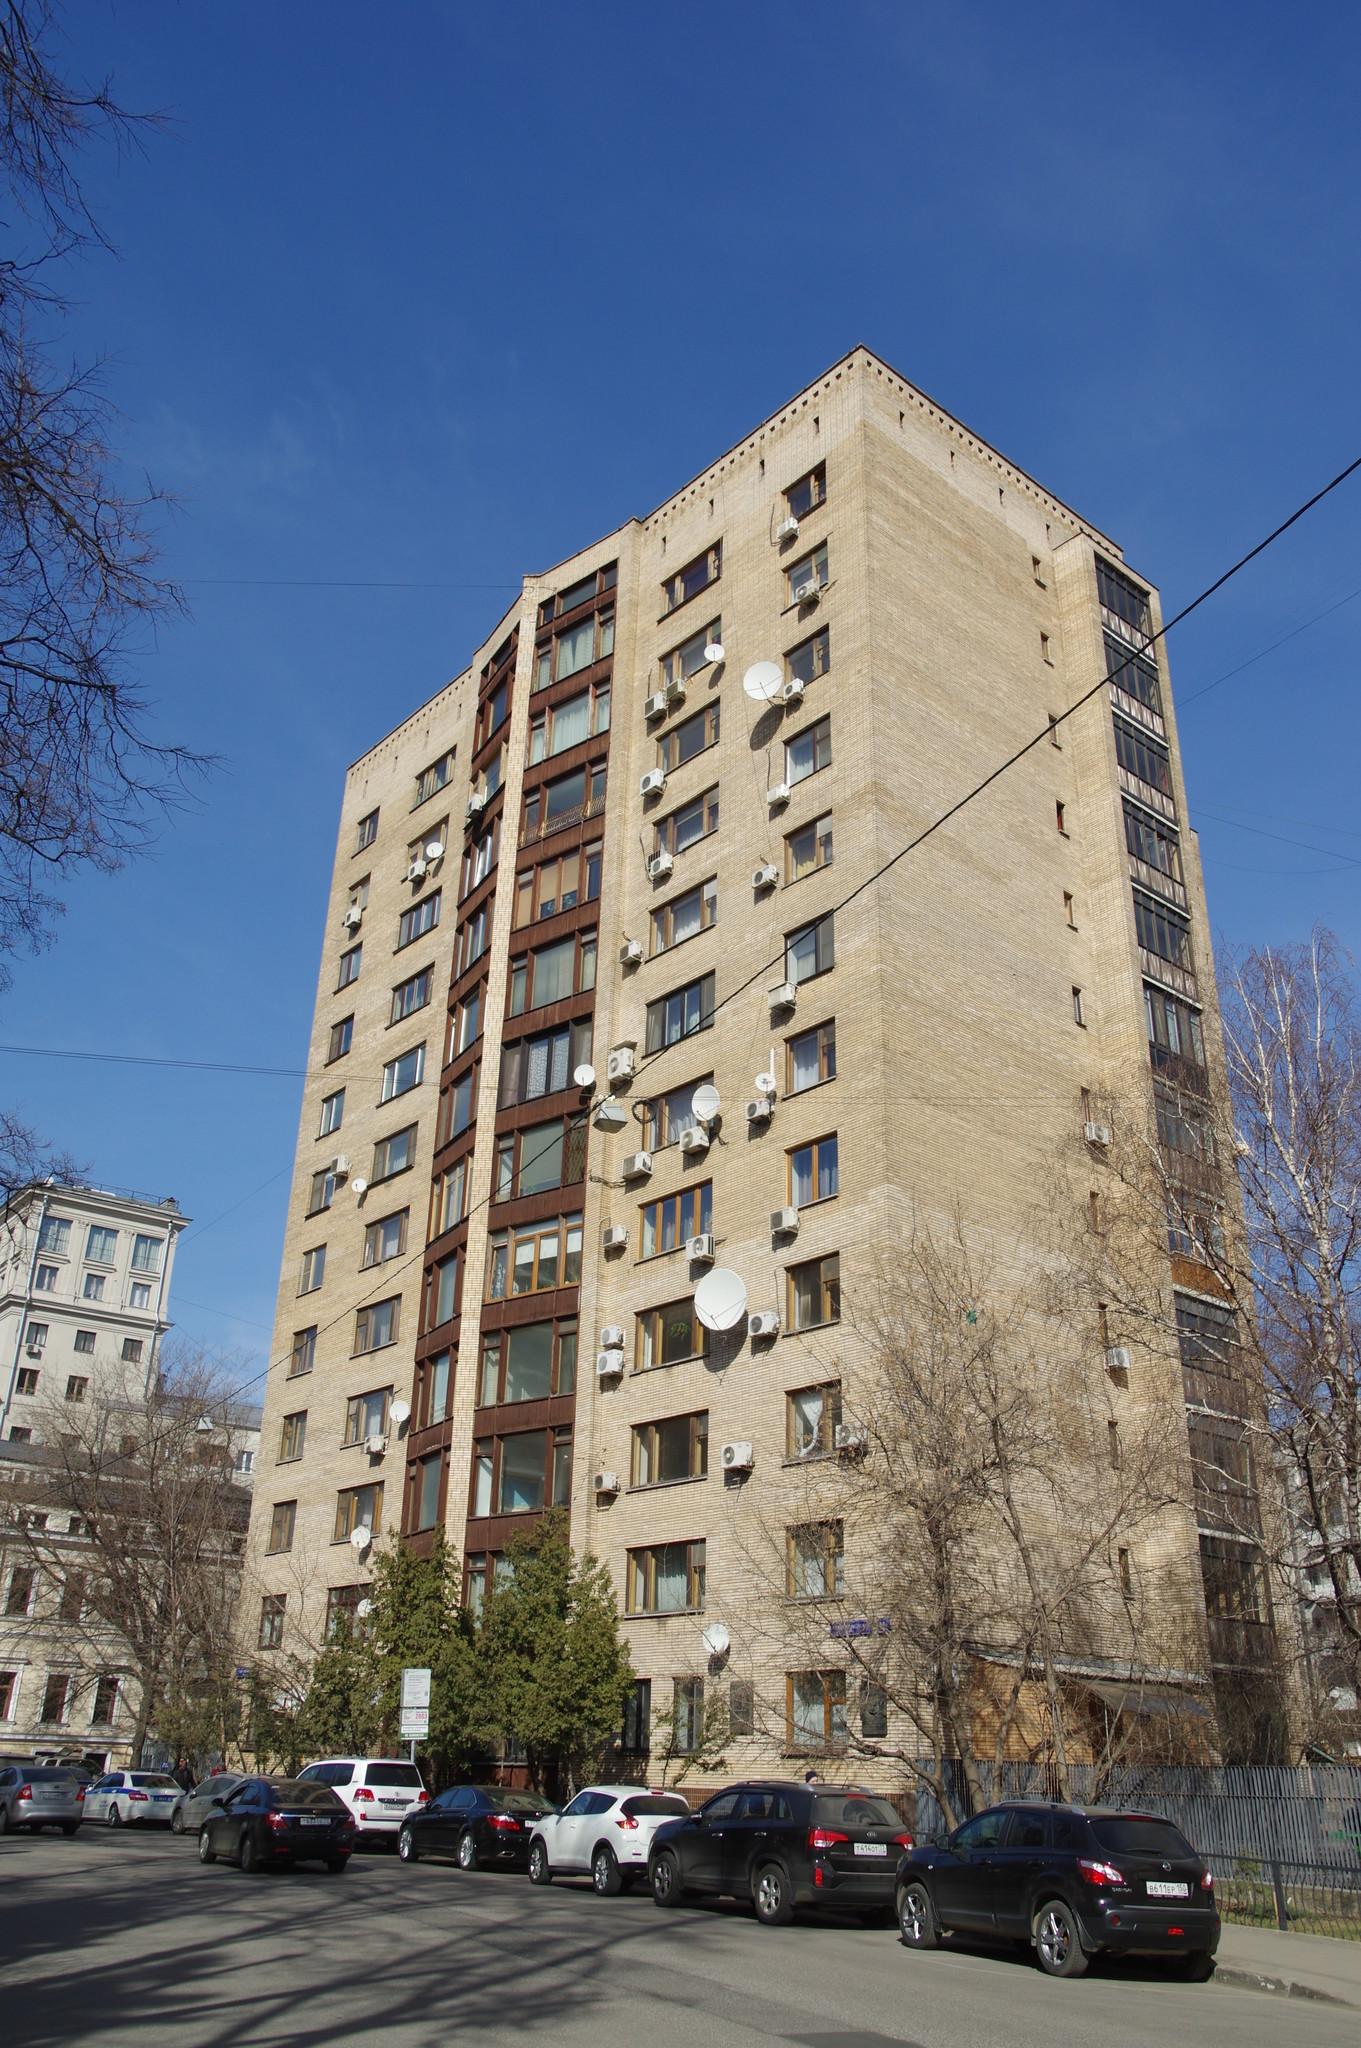 Улица Спиридоновка, дом 18, в котором в 1968-1984 годах жил Главнокомандующий Военно-Воздушными Силами Советского Союза Павел Степанович Кутахов